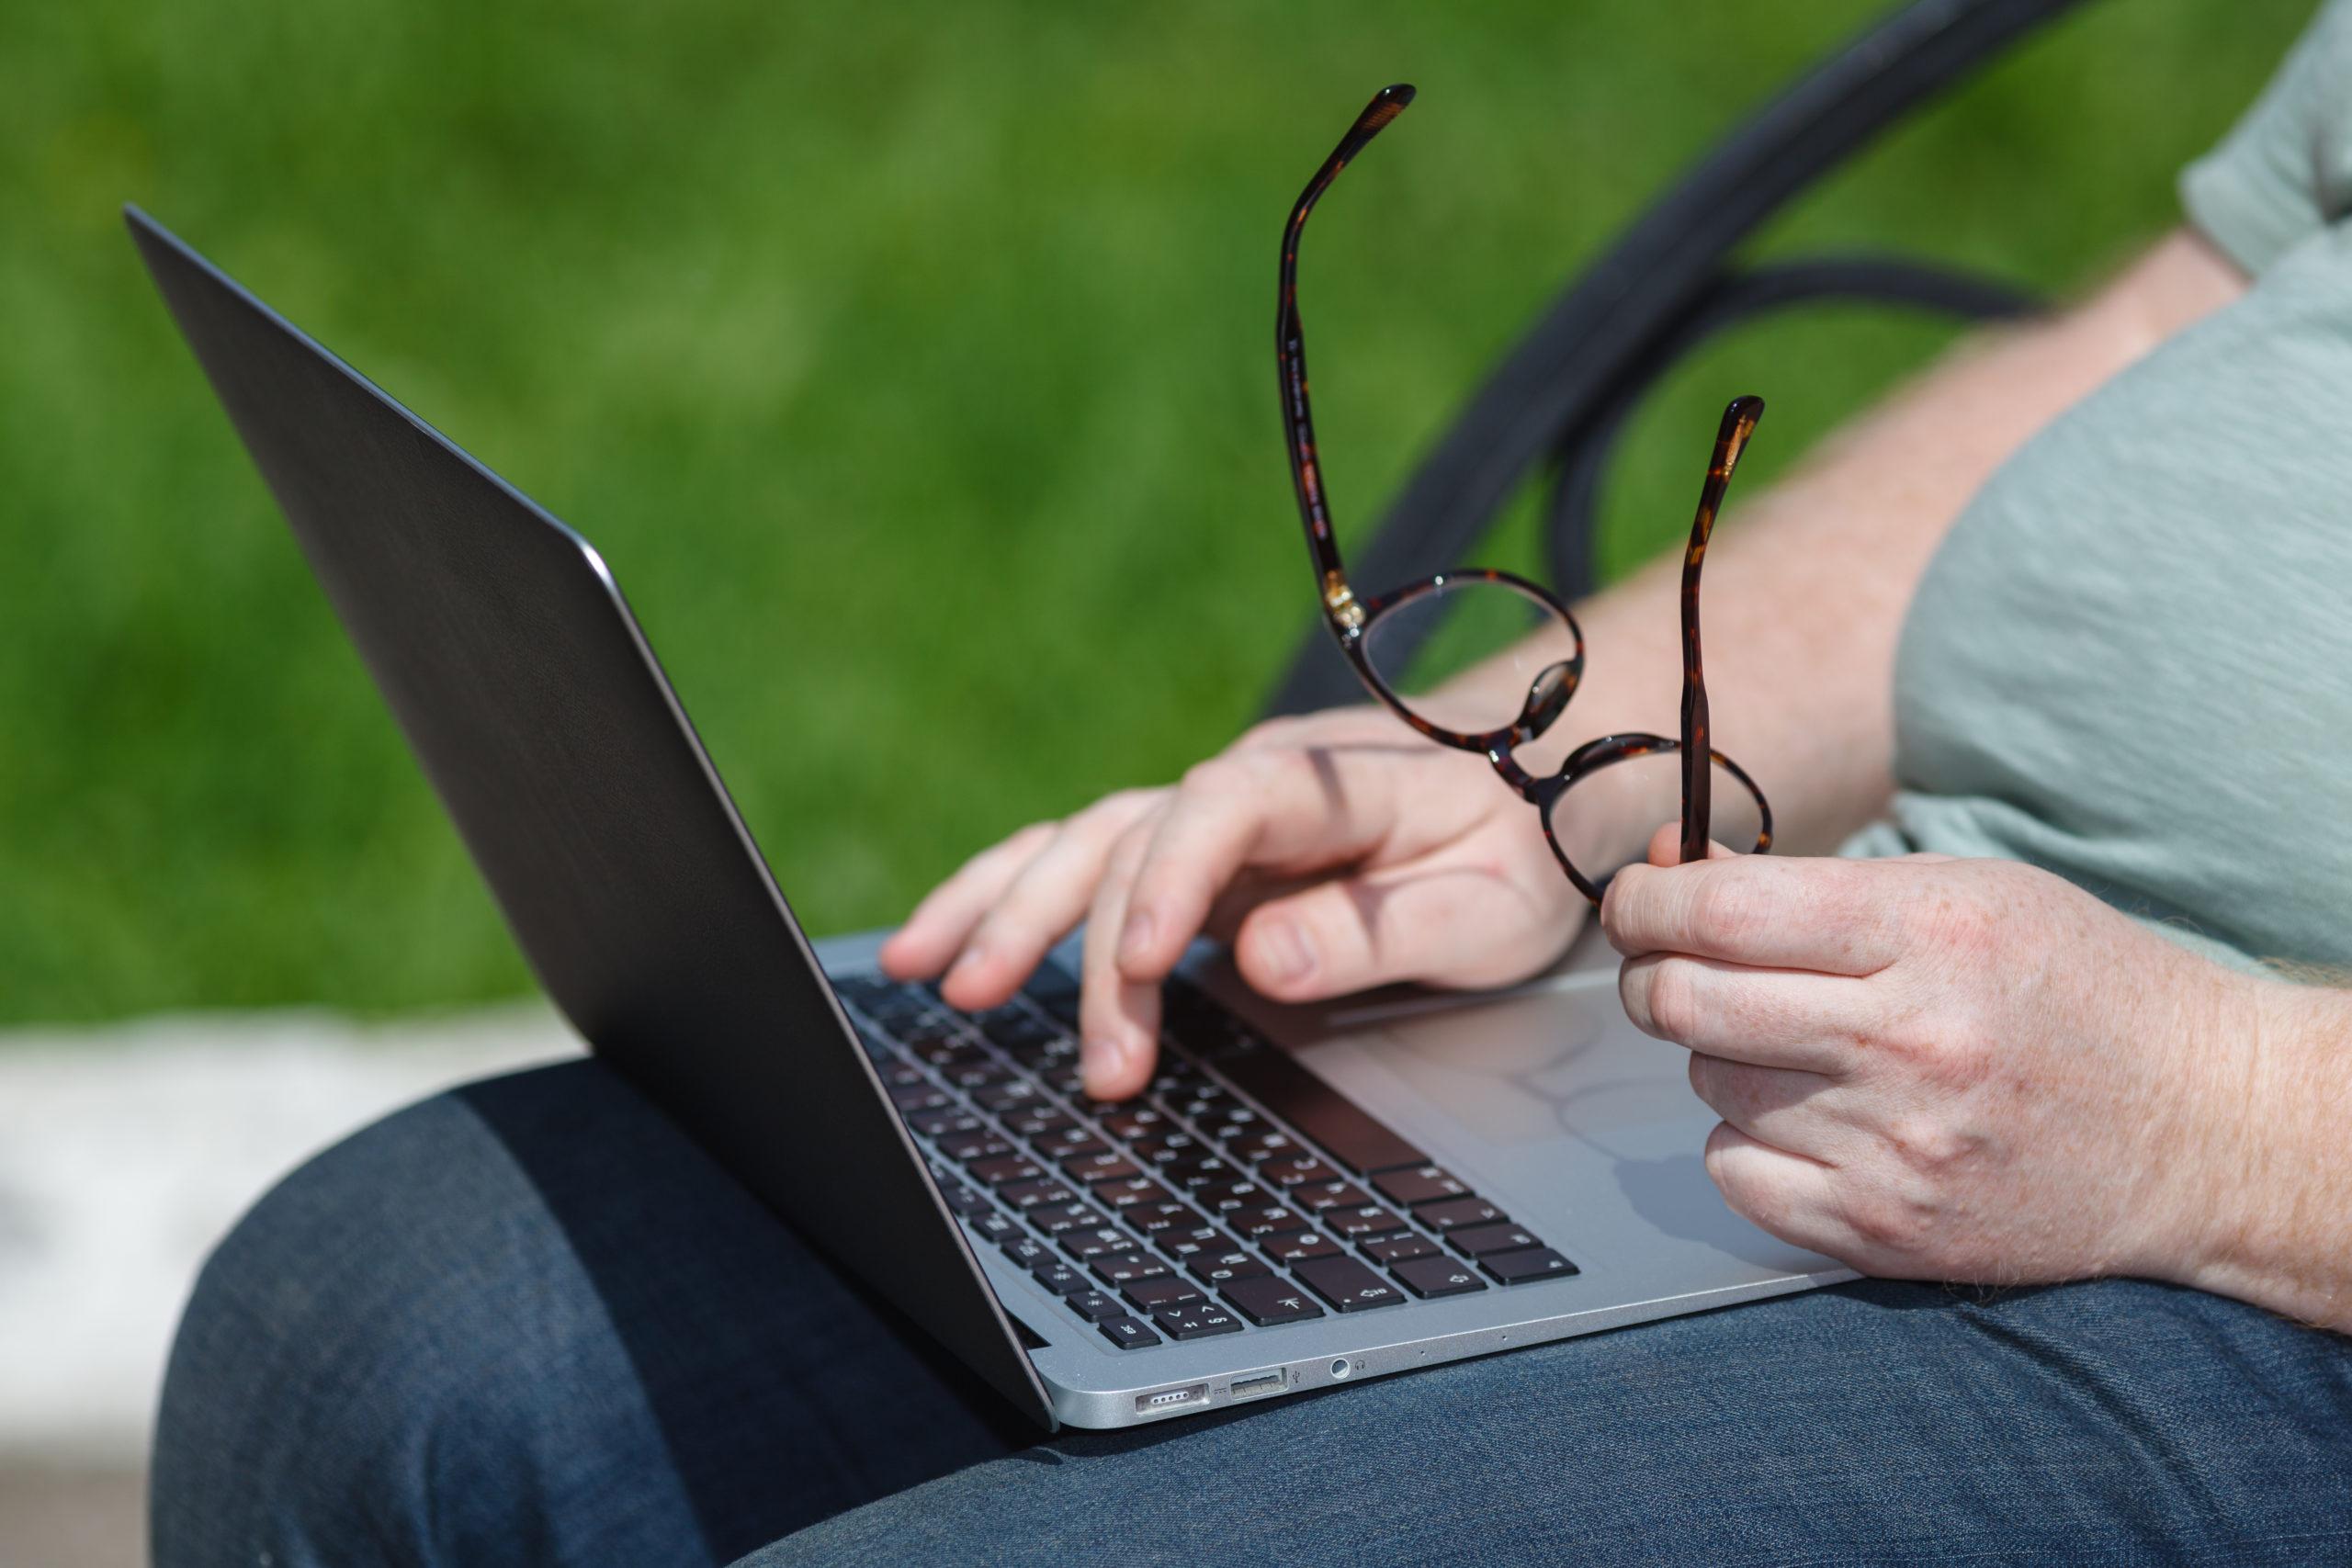 Обзор недорогих и хороших ноутбуков